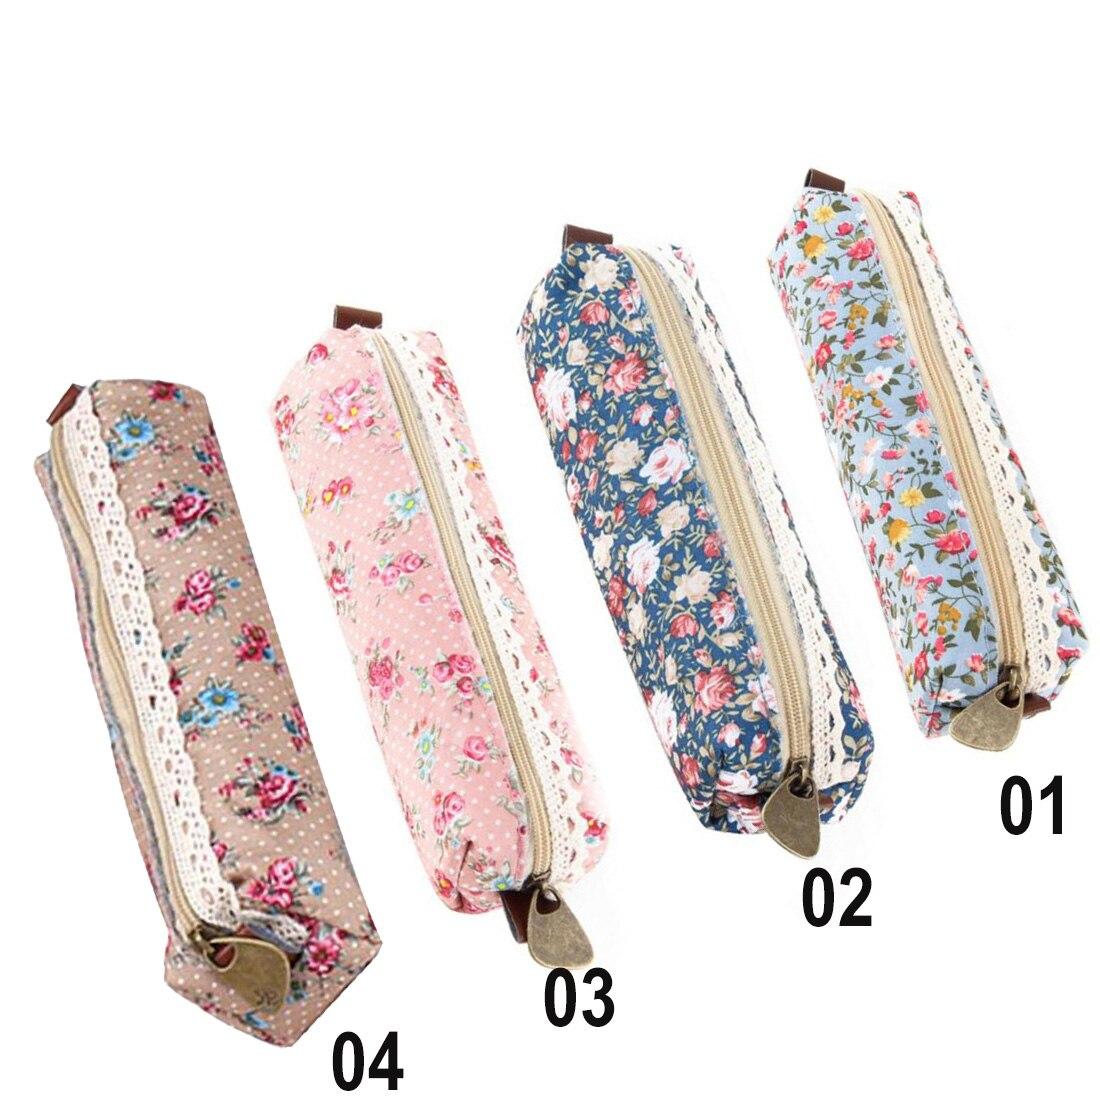 2017 school supplies Mini Retro Flower Floral Lace Case storage bag Cosmetic Makeup Bag Zipper Pouch